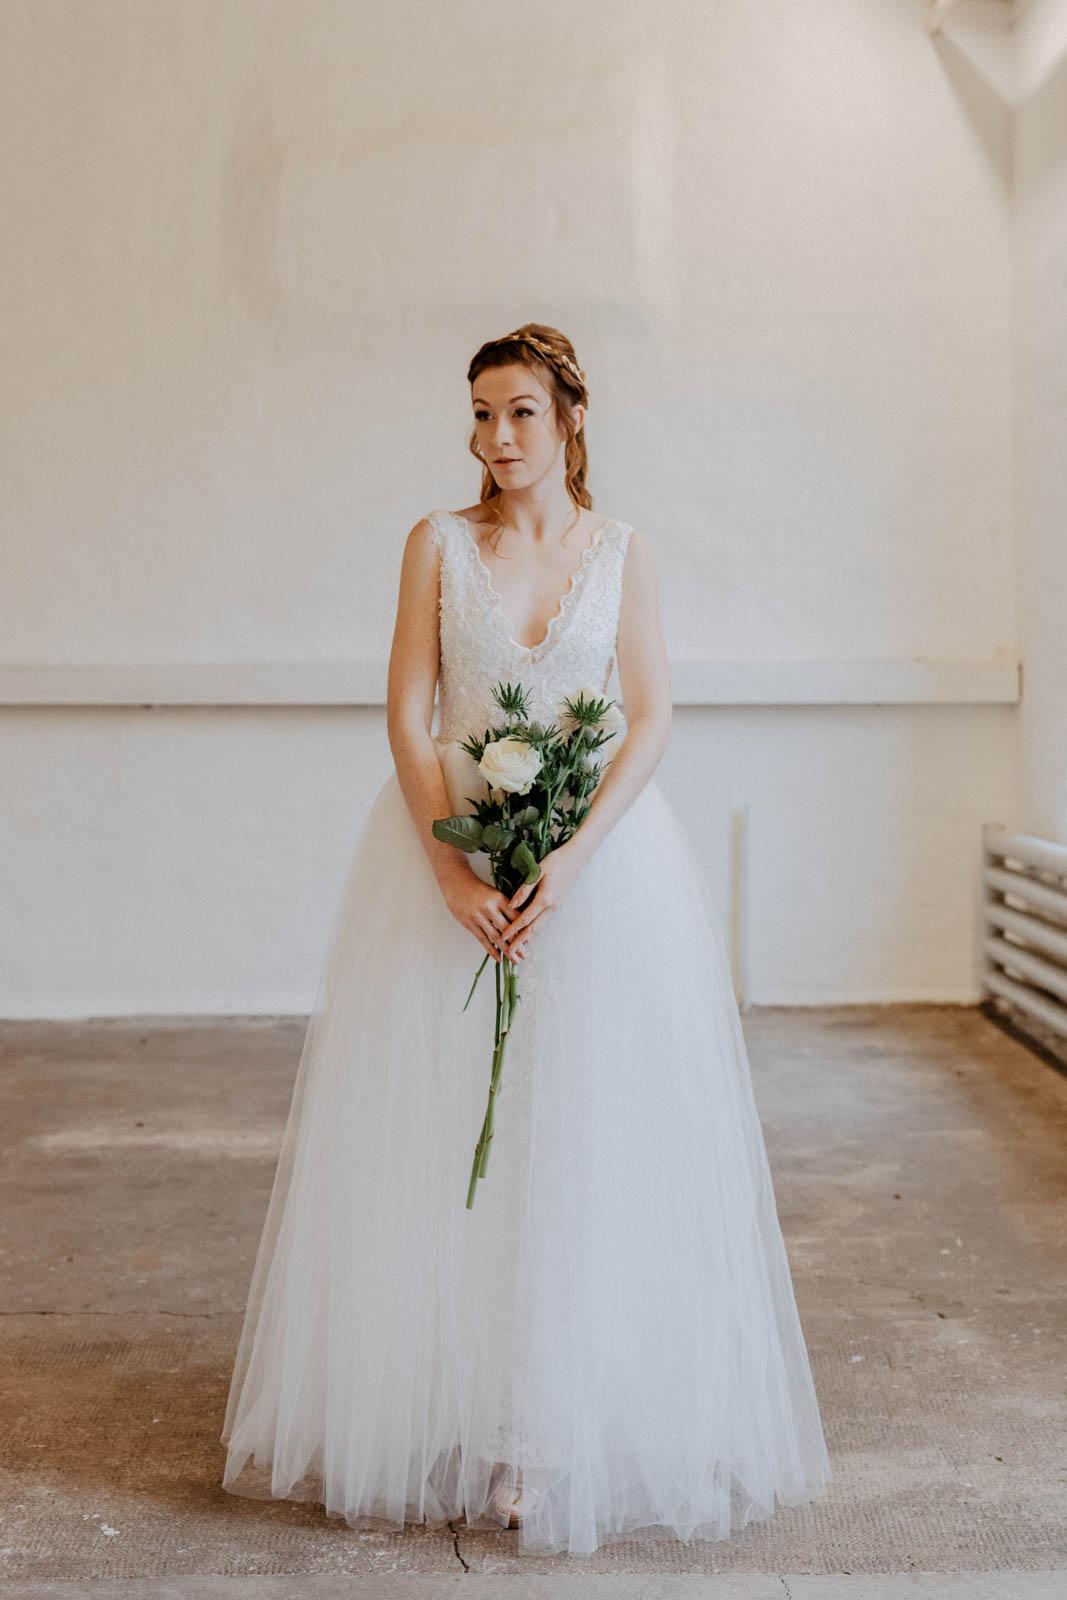 Hochzeitskleid mit Tüllrock – gesehen bei frauimmer-herrewig.de